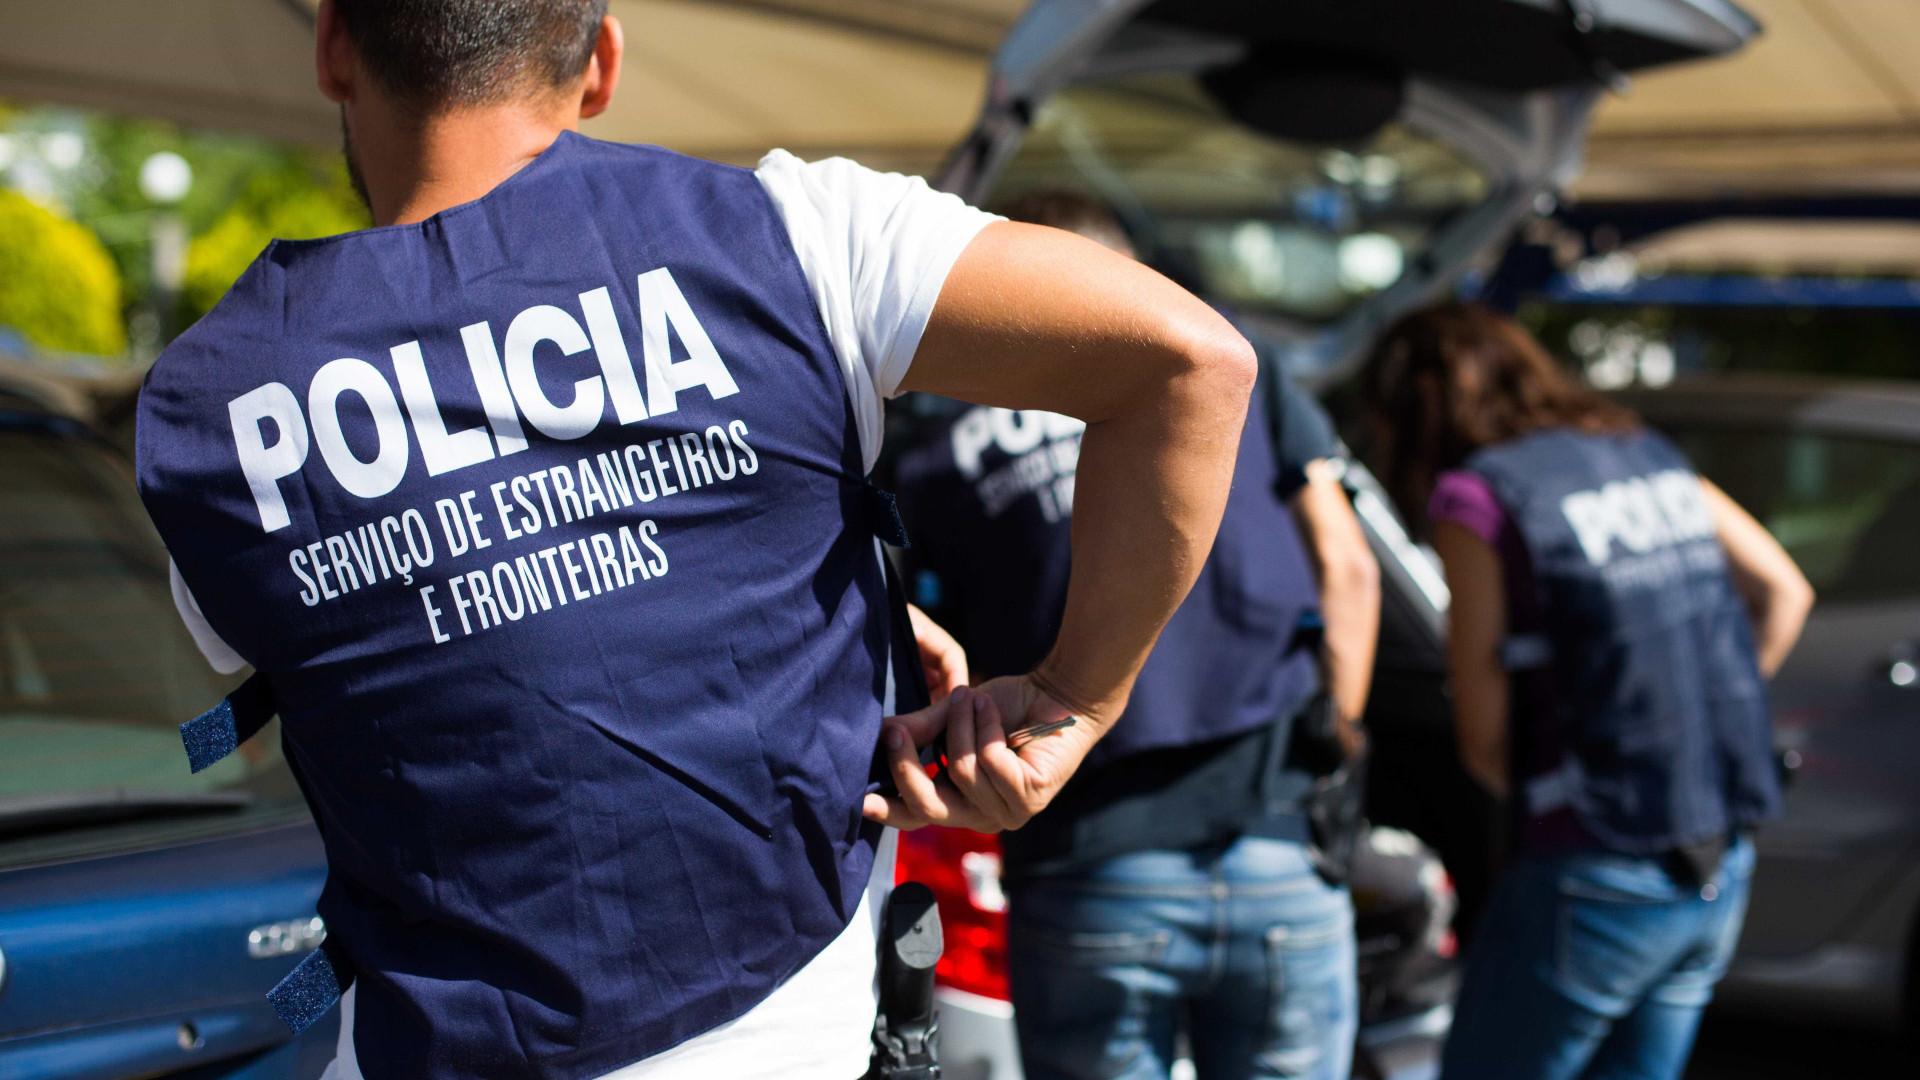 SEF deteta seis atletas estrangeiros sem documentação regularizada